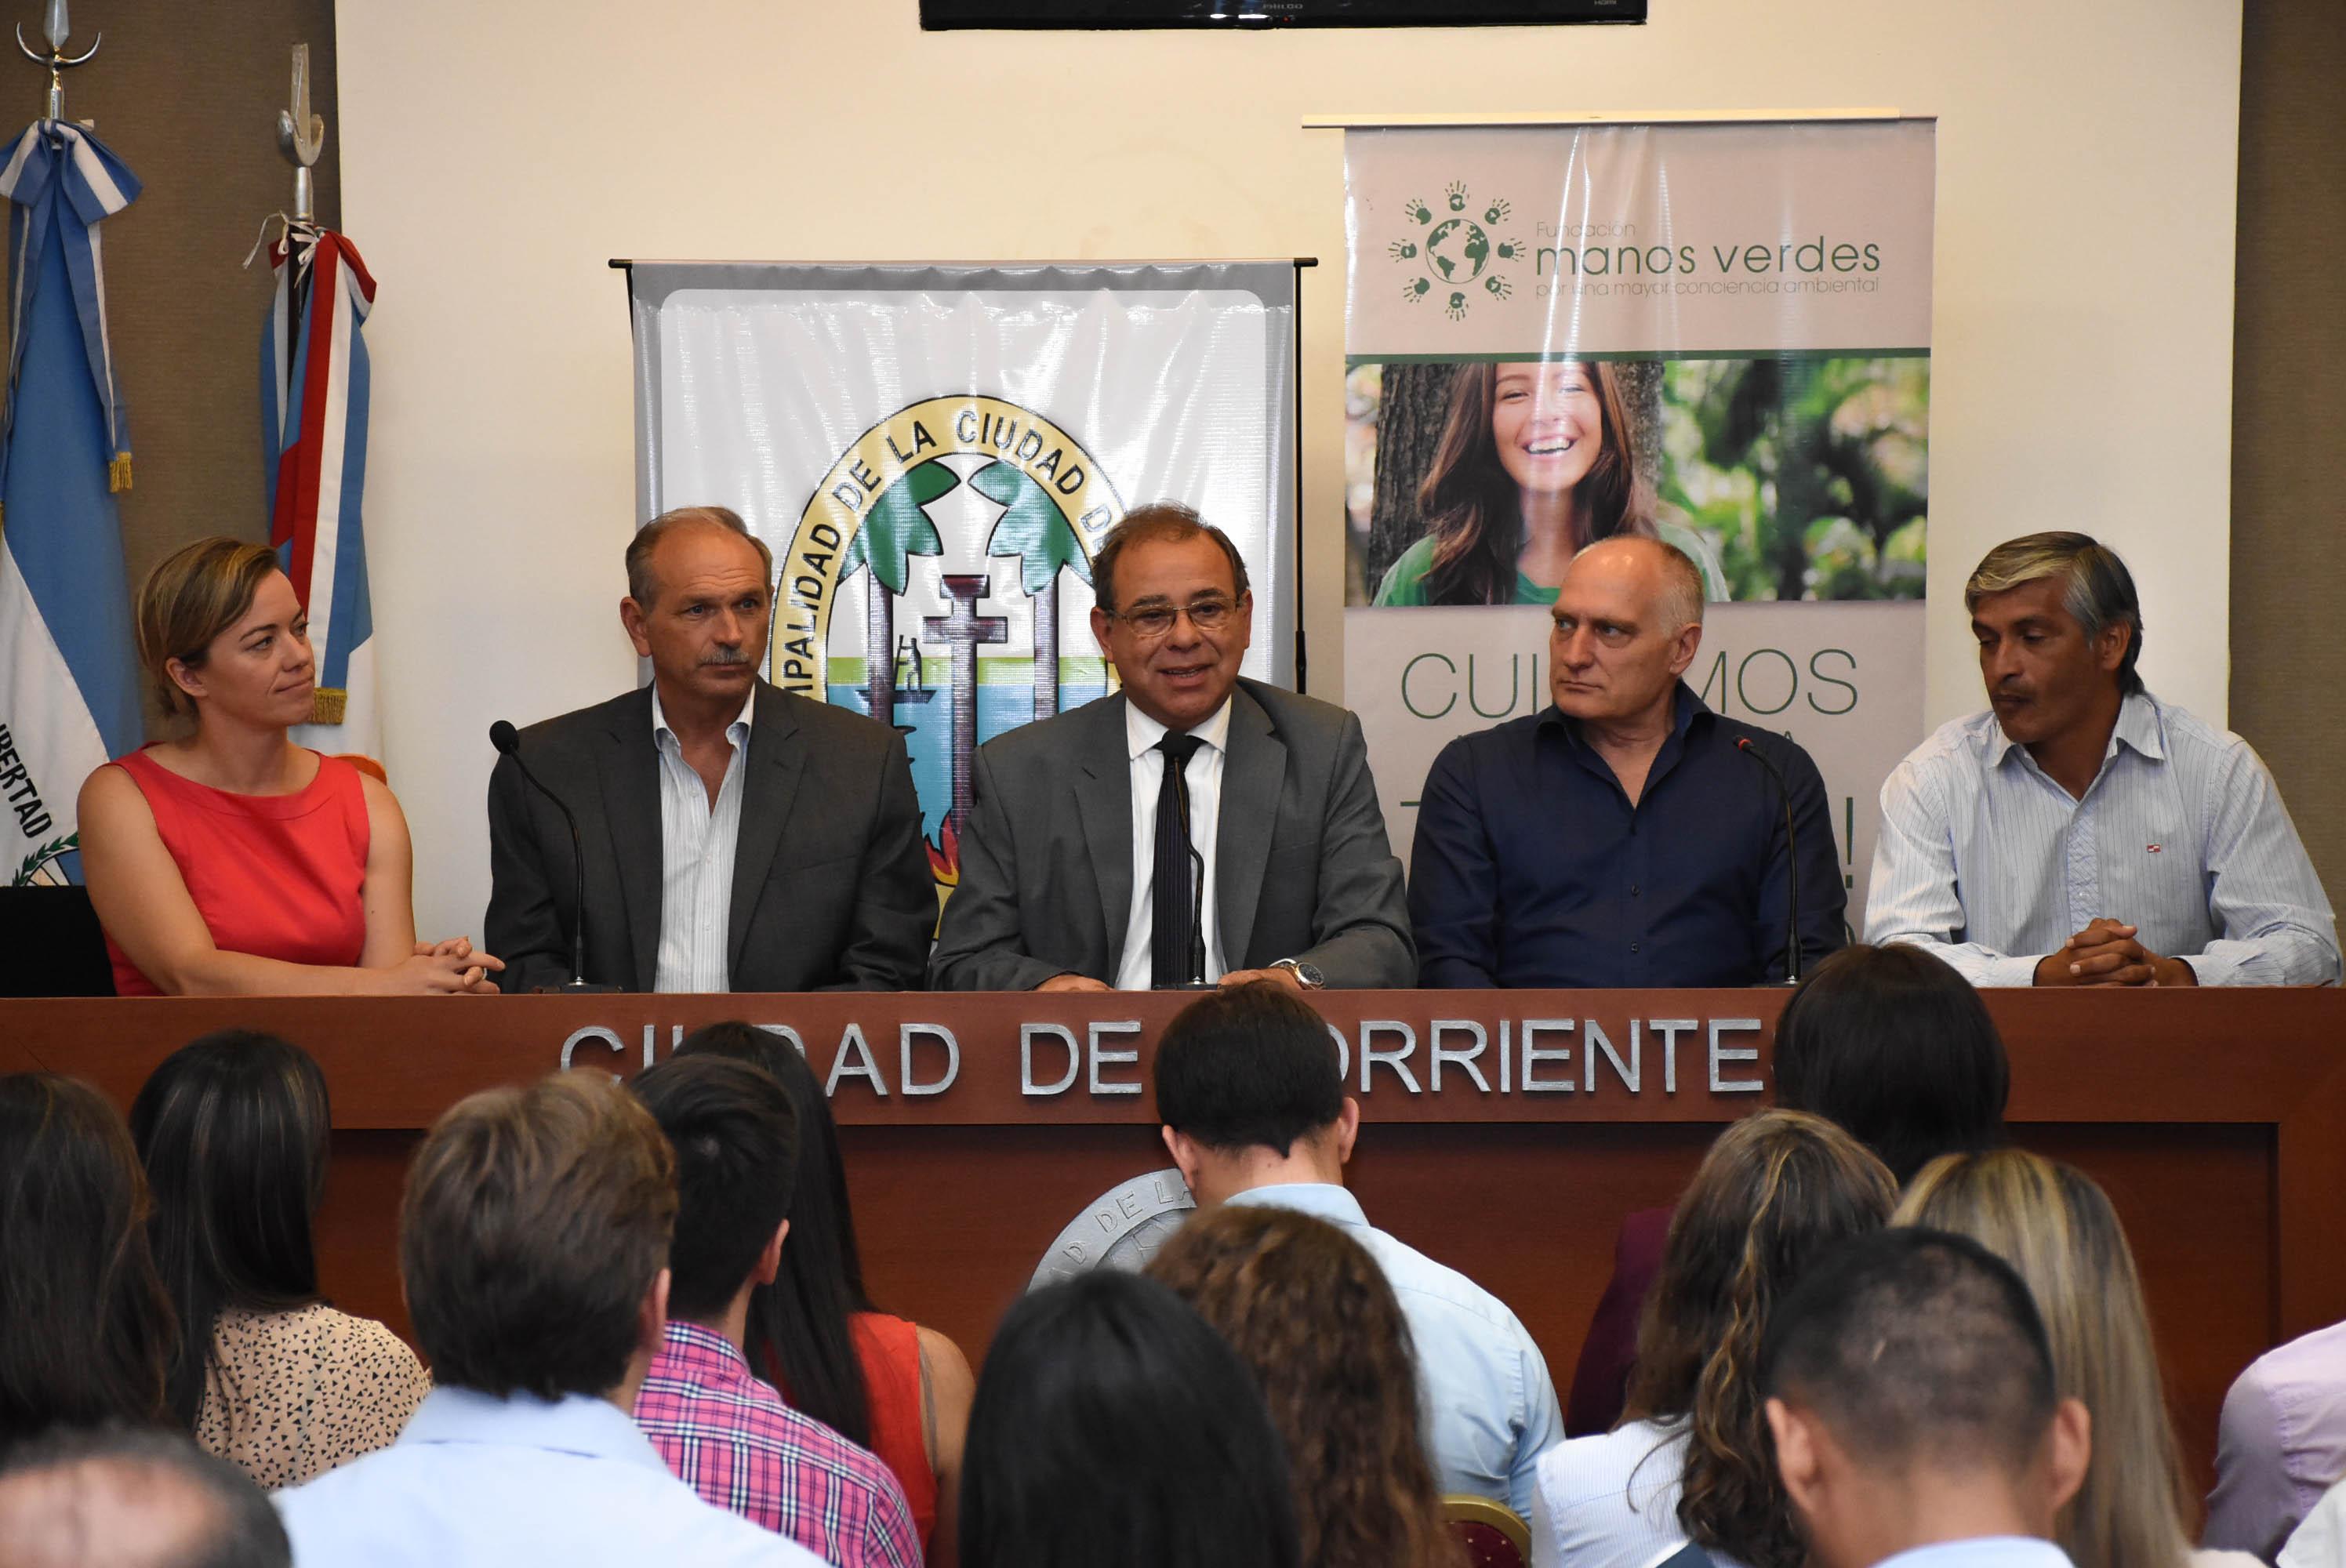 La Municipalidad firmó un convenio con la fundación Manos Verdes para el cuidado del medio ambiente